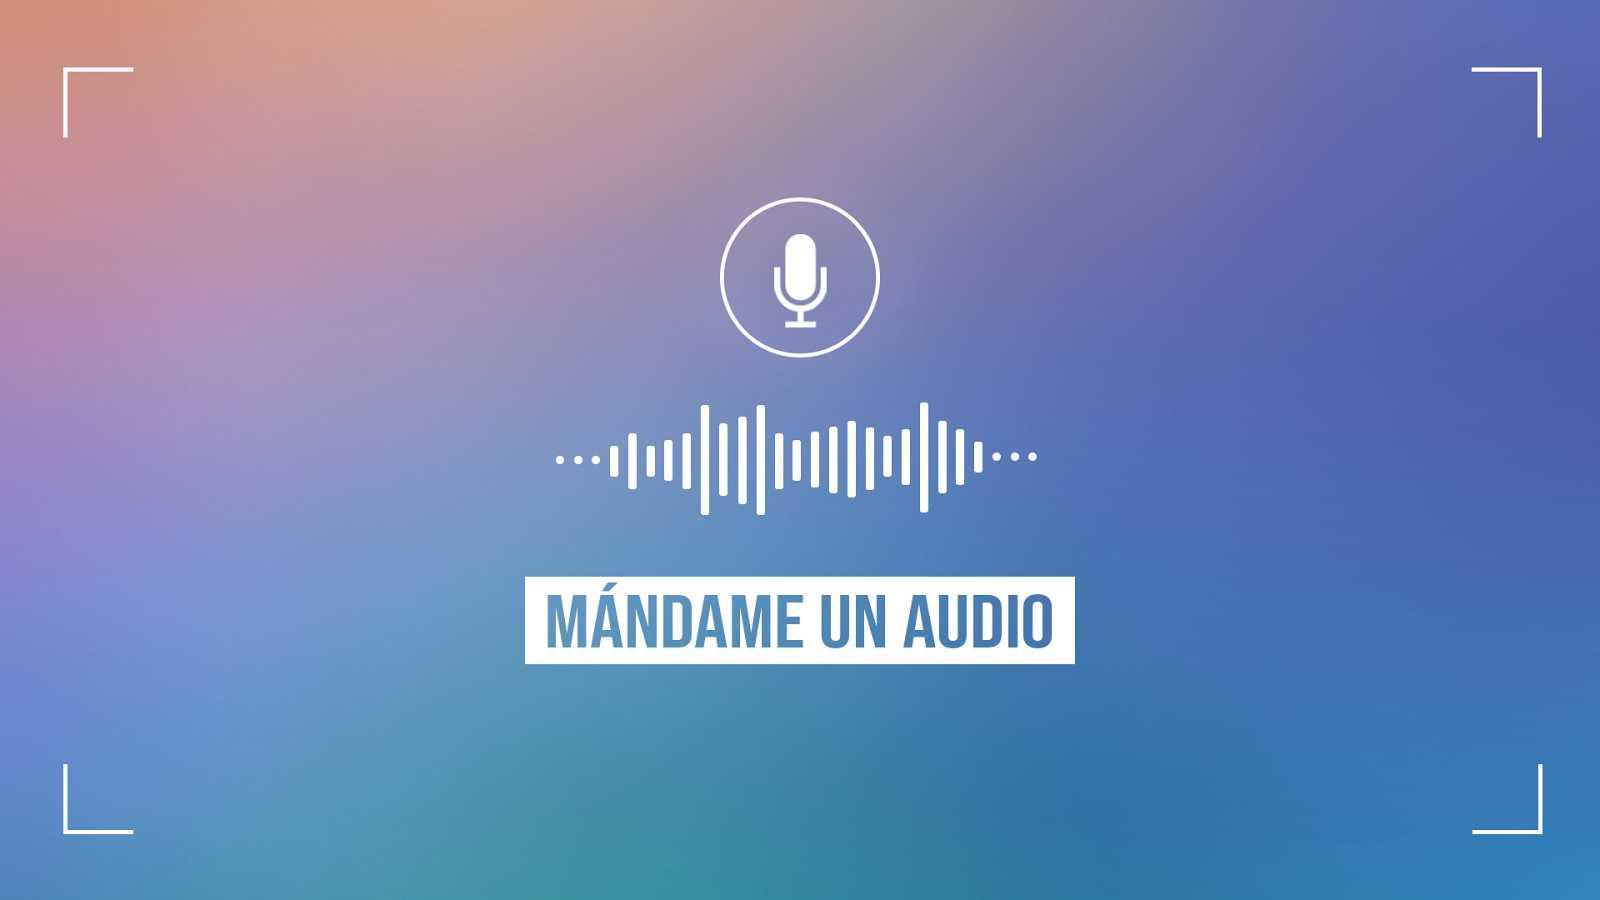 Mándame un audio - Pucho (Vetusta Morla) - 11/10/21 - Escuchar ahora